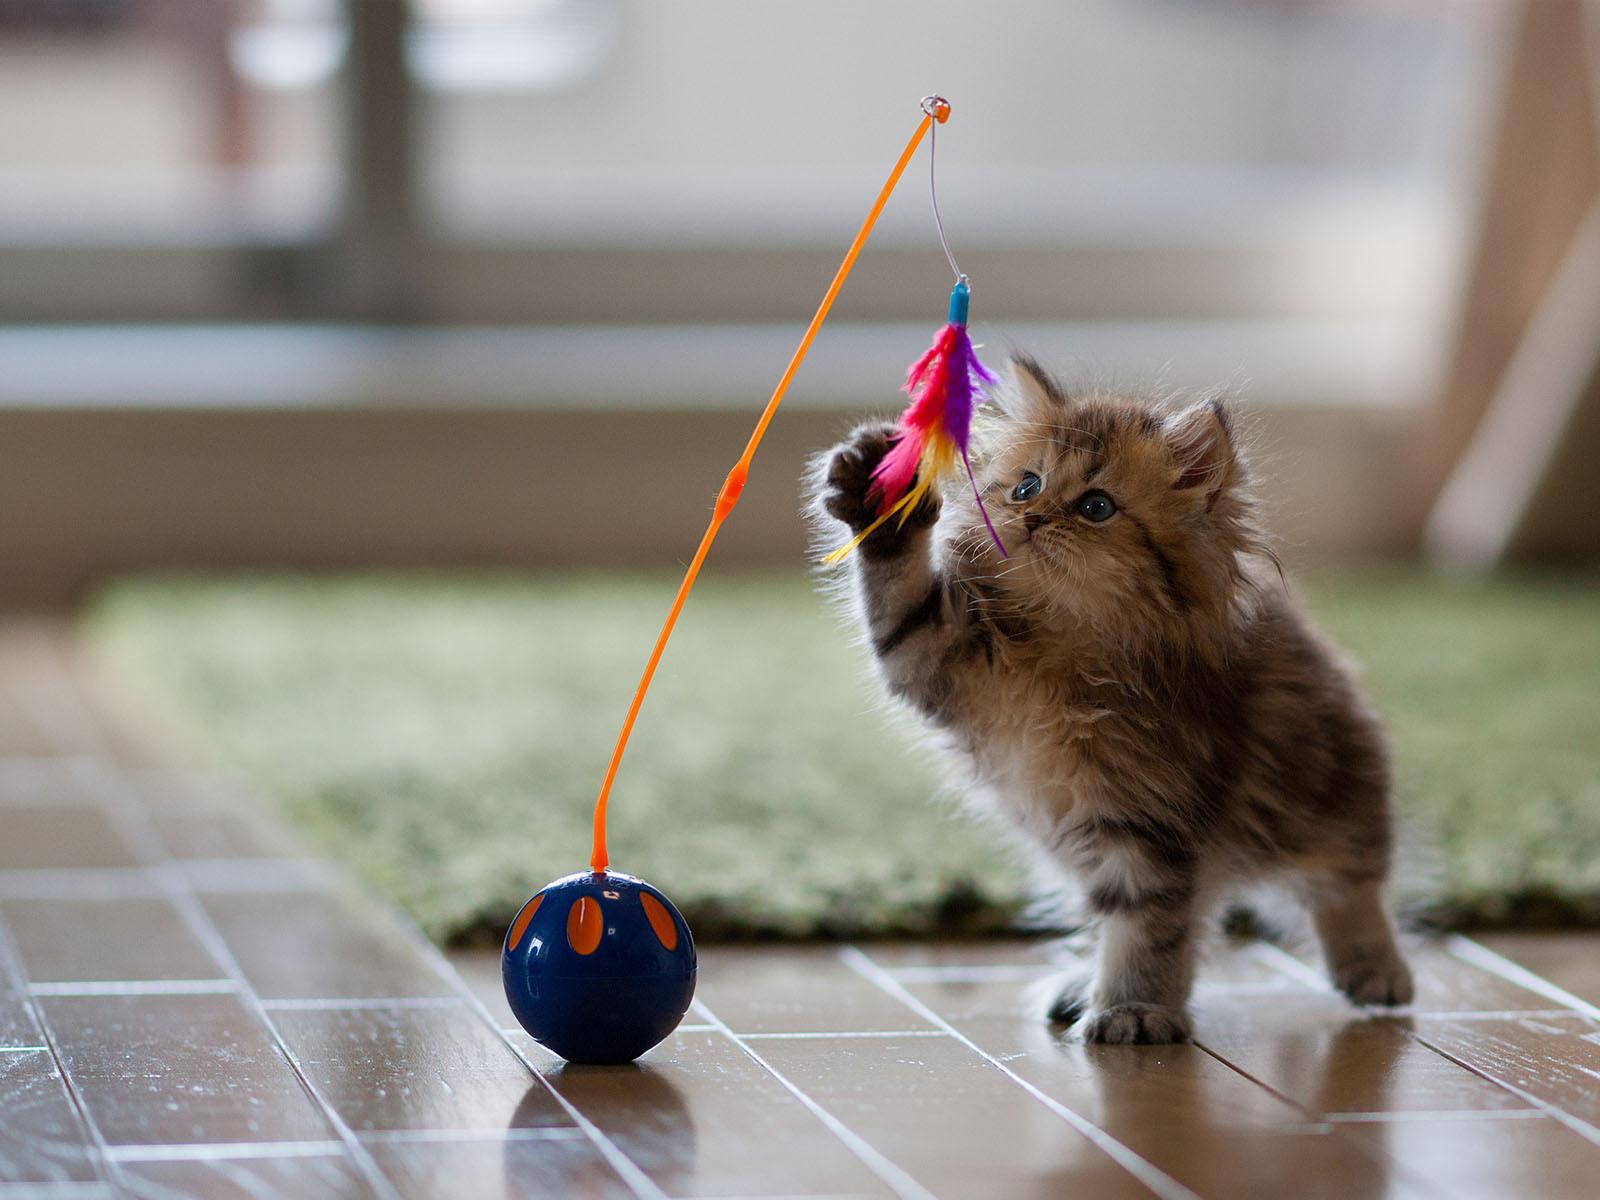 hexbug nano cat toy